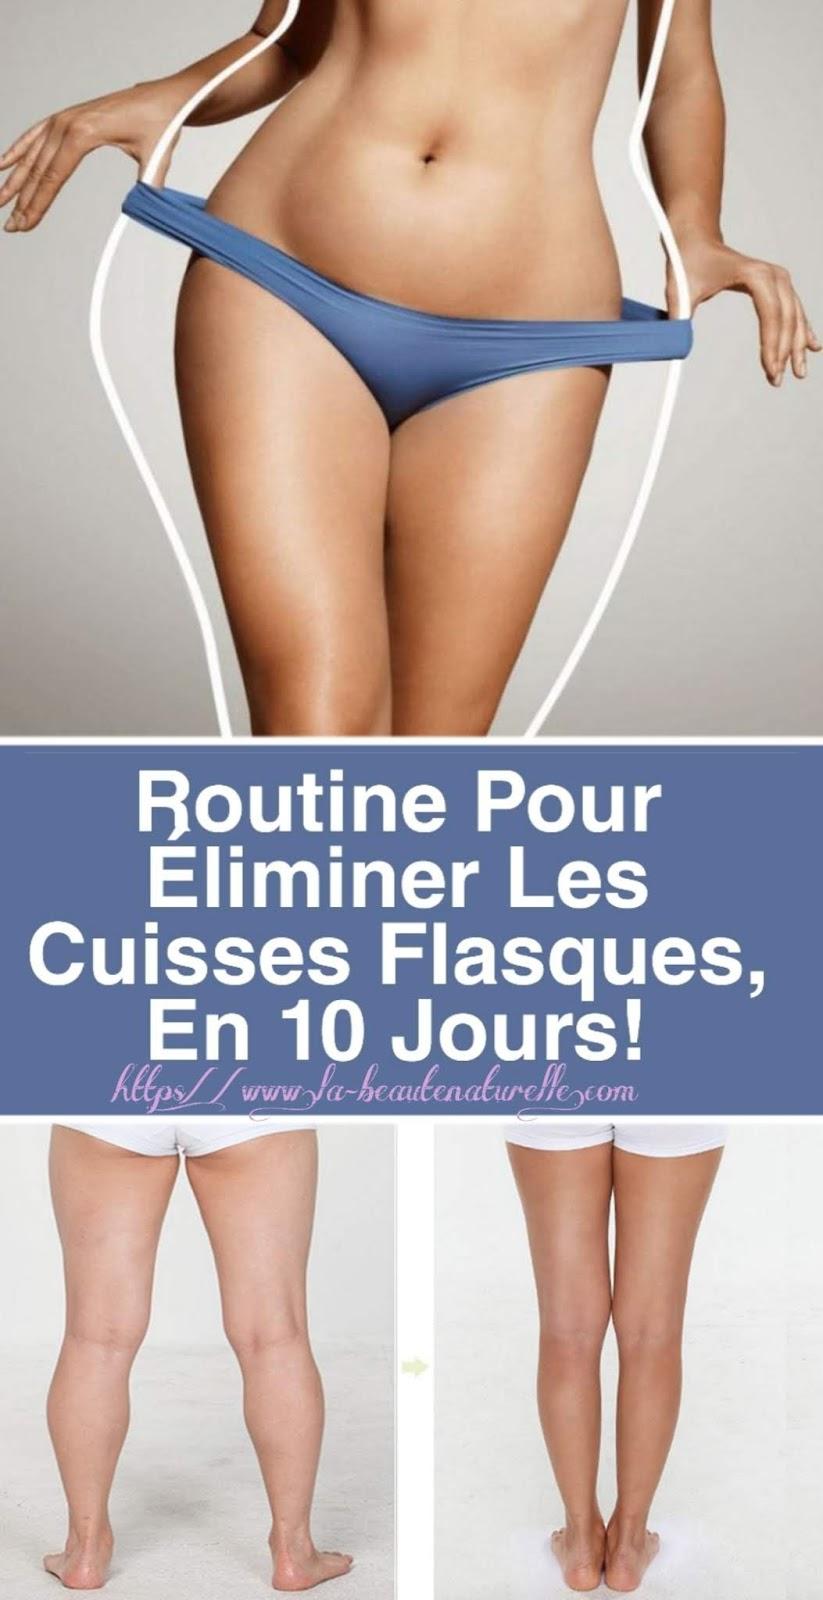 Routine Pour Éliminer Les Cuisses Flasques, En 10 Jours!